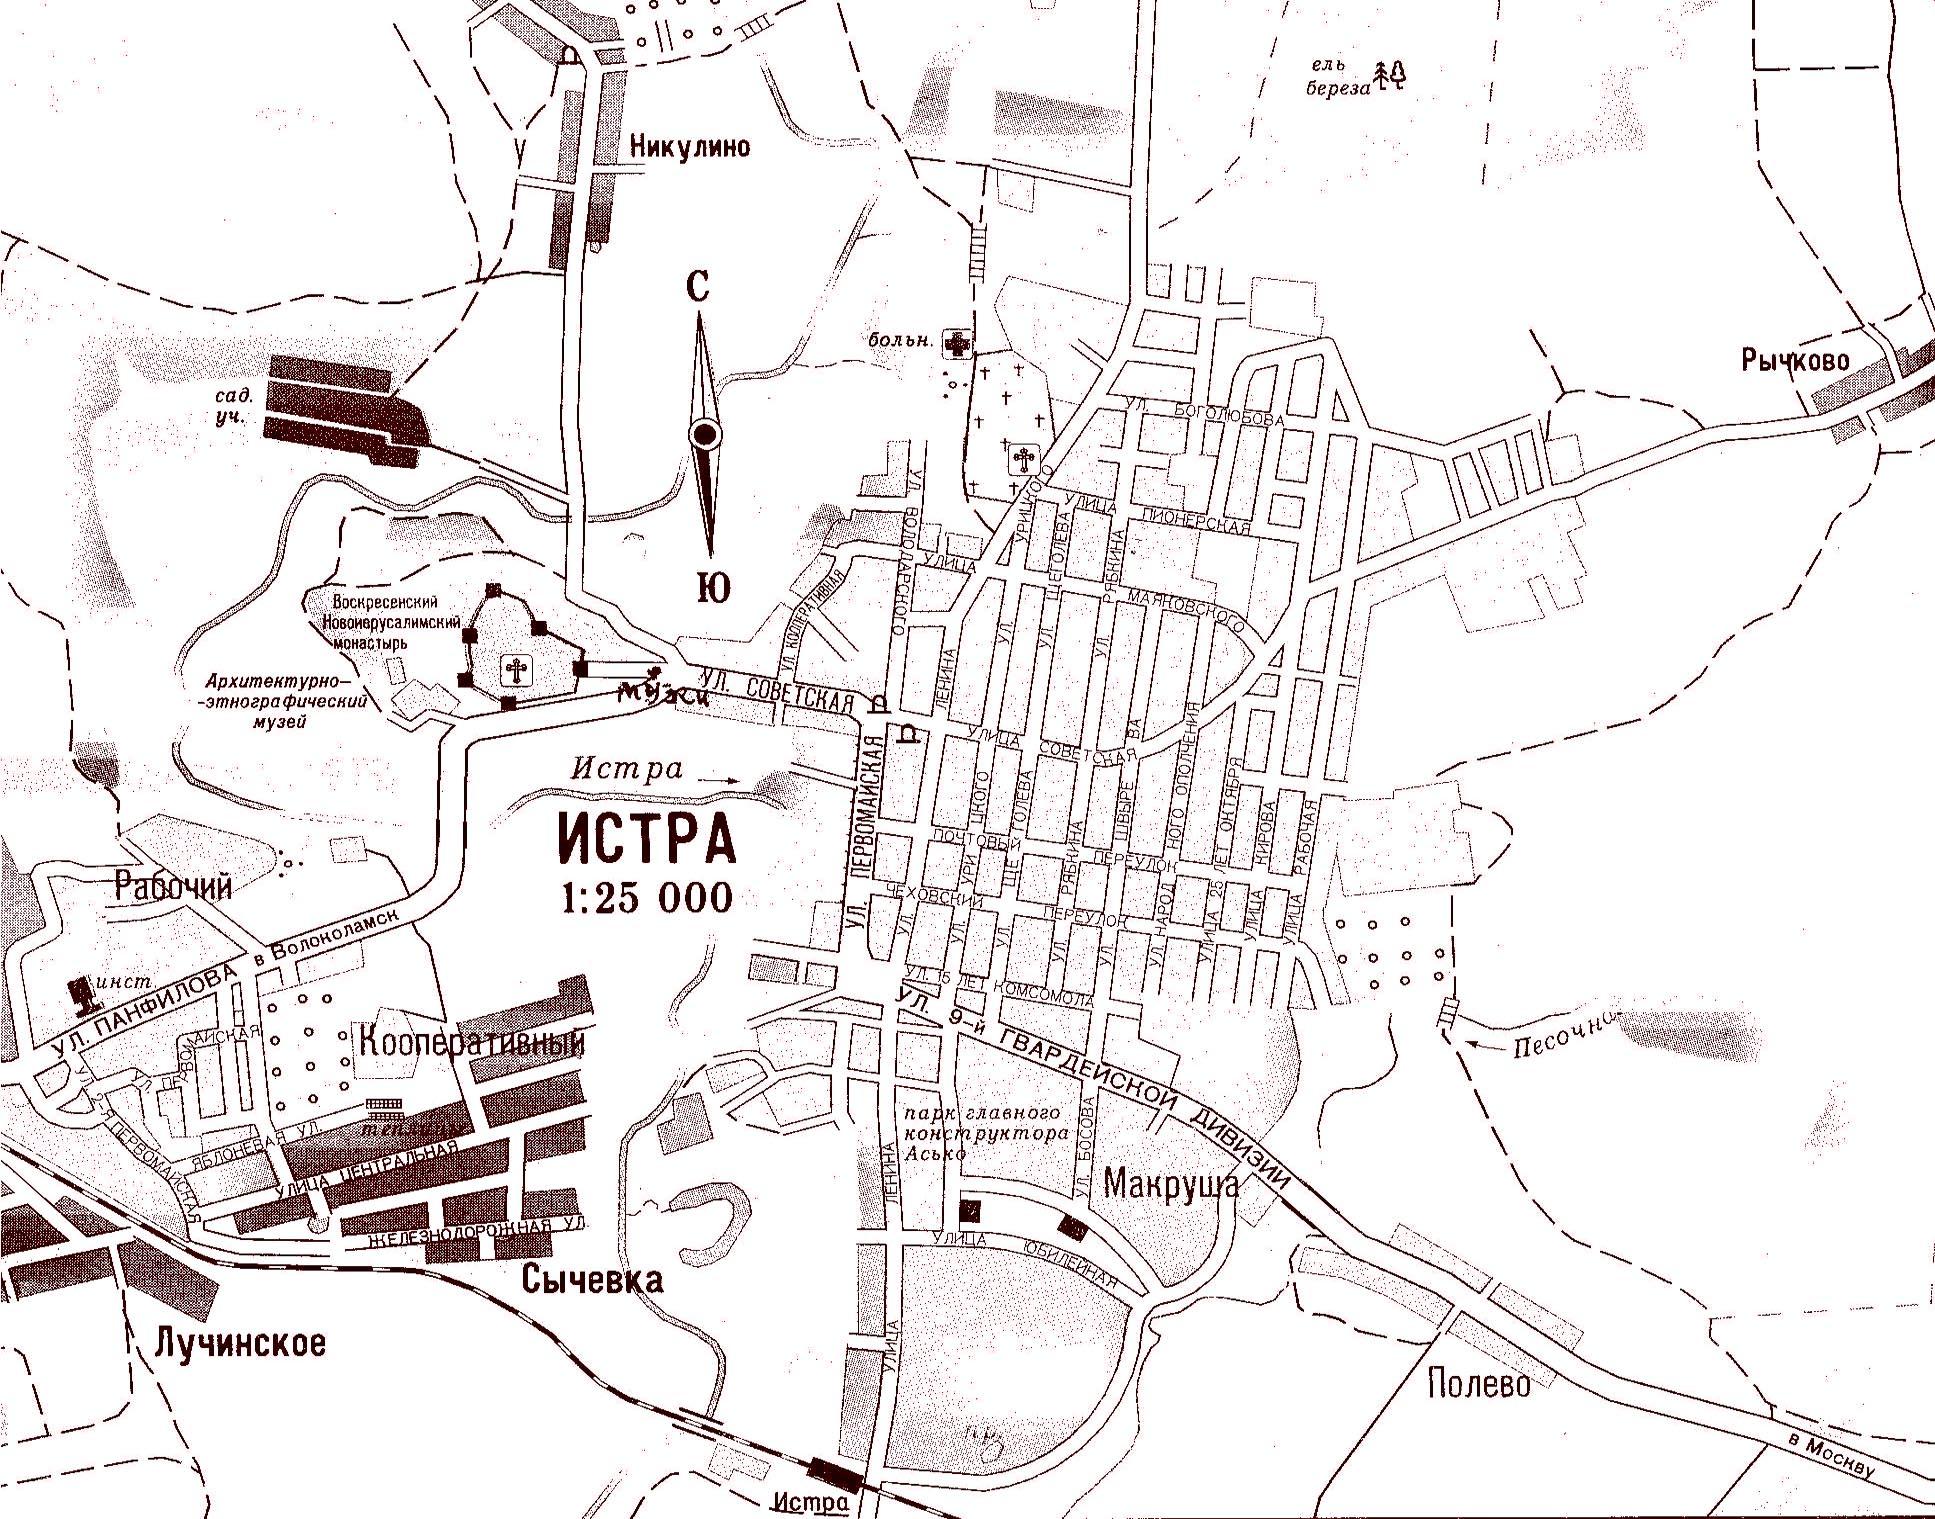 Карта Истры - Карта Москвы